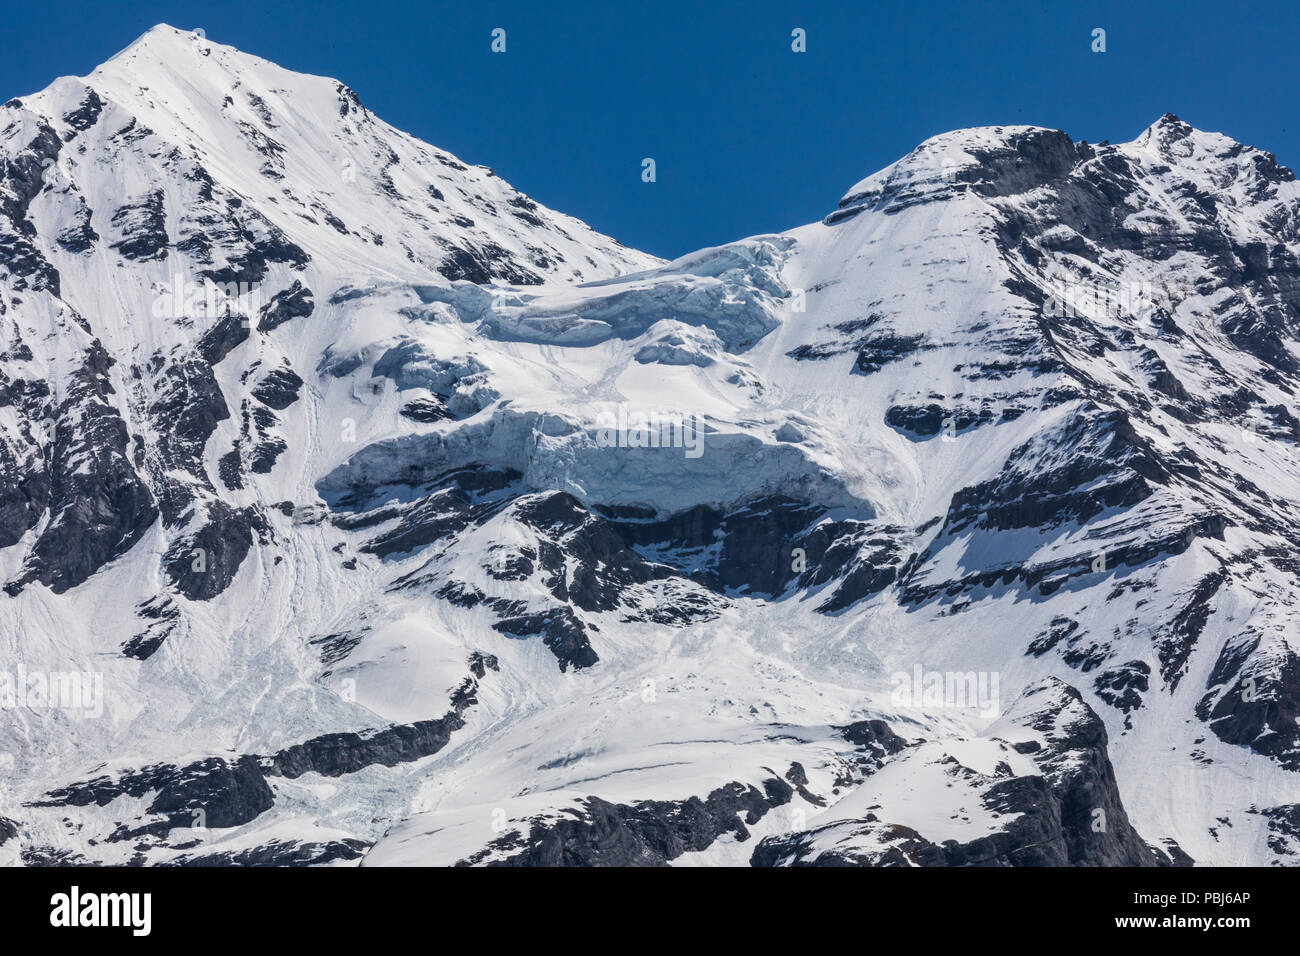 Vista panorámica de los Alpes, en una ruta de senderismo cerca de Kandersteg suiza Foto de stock